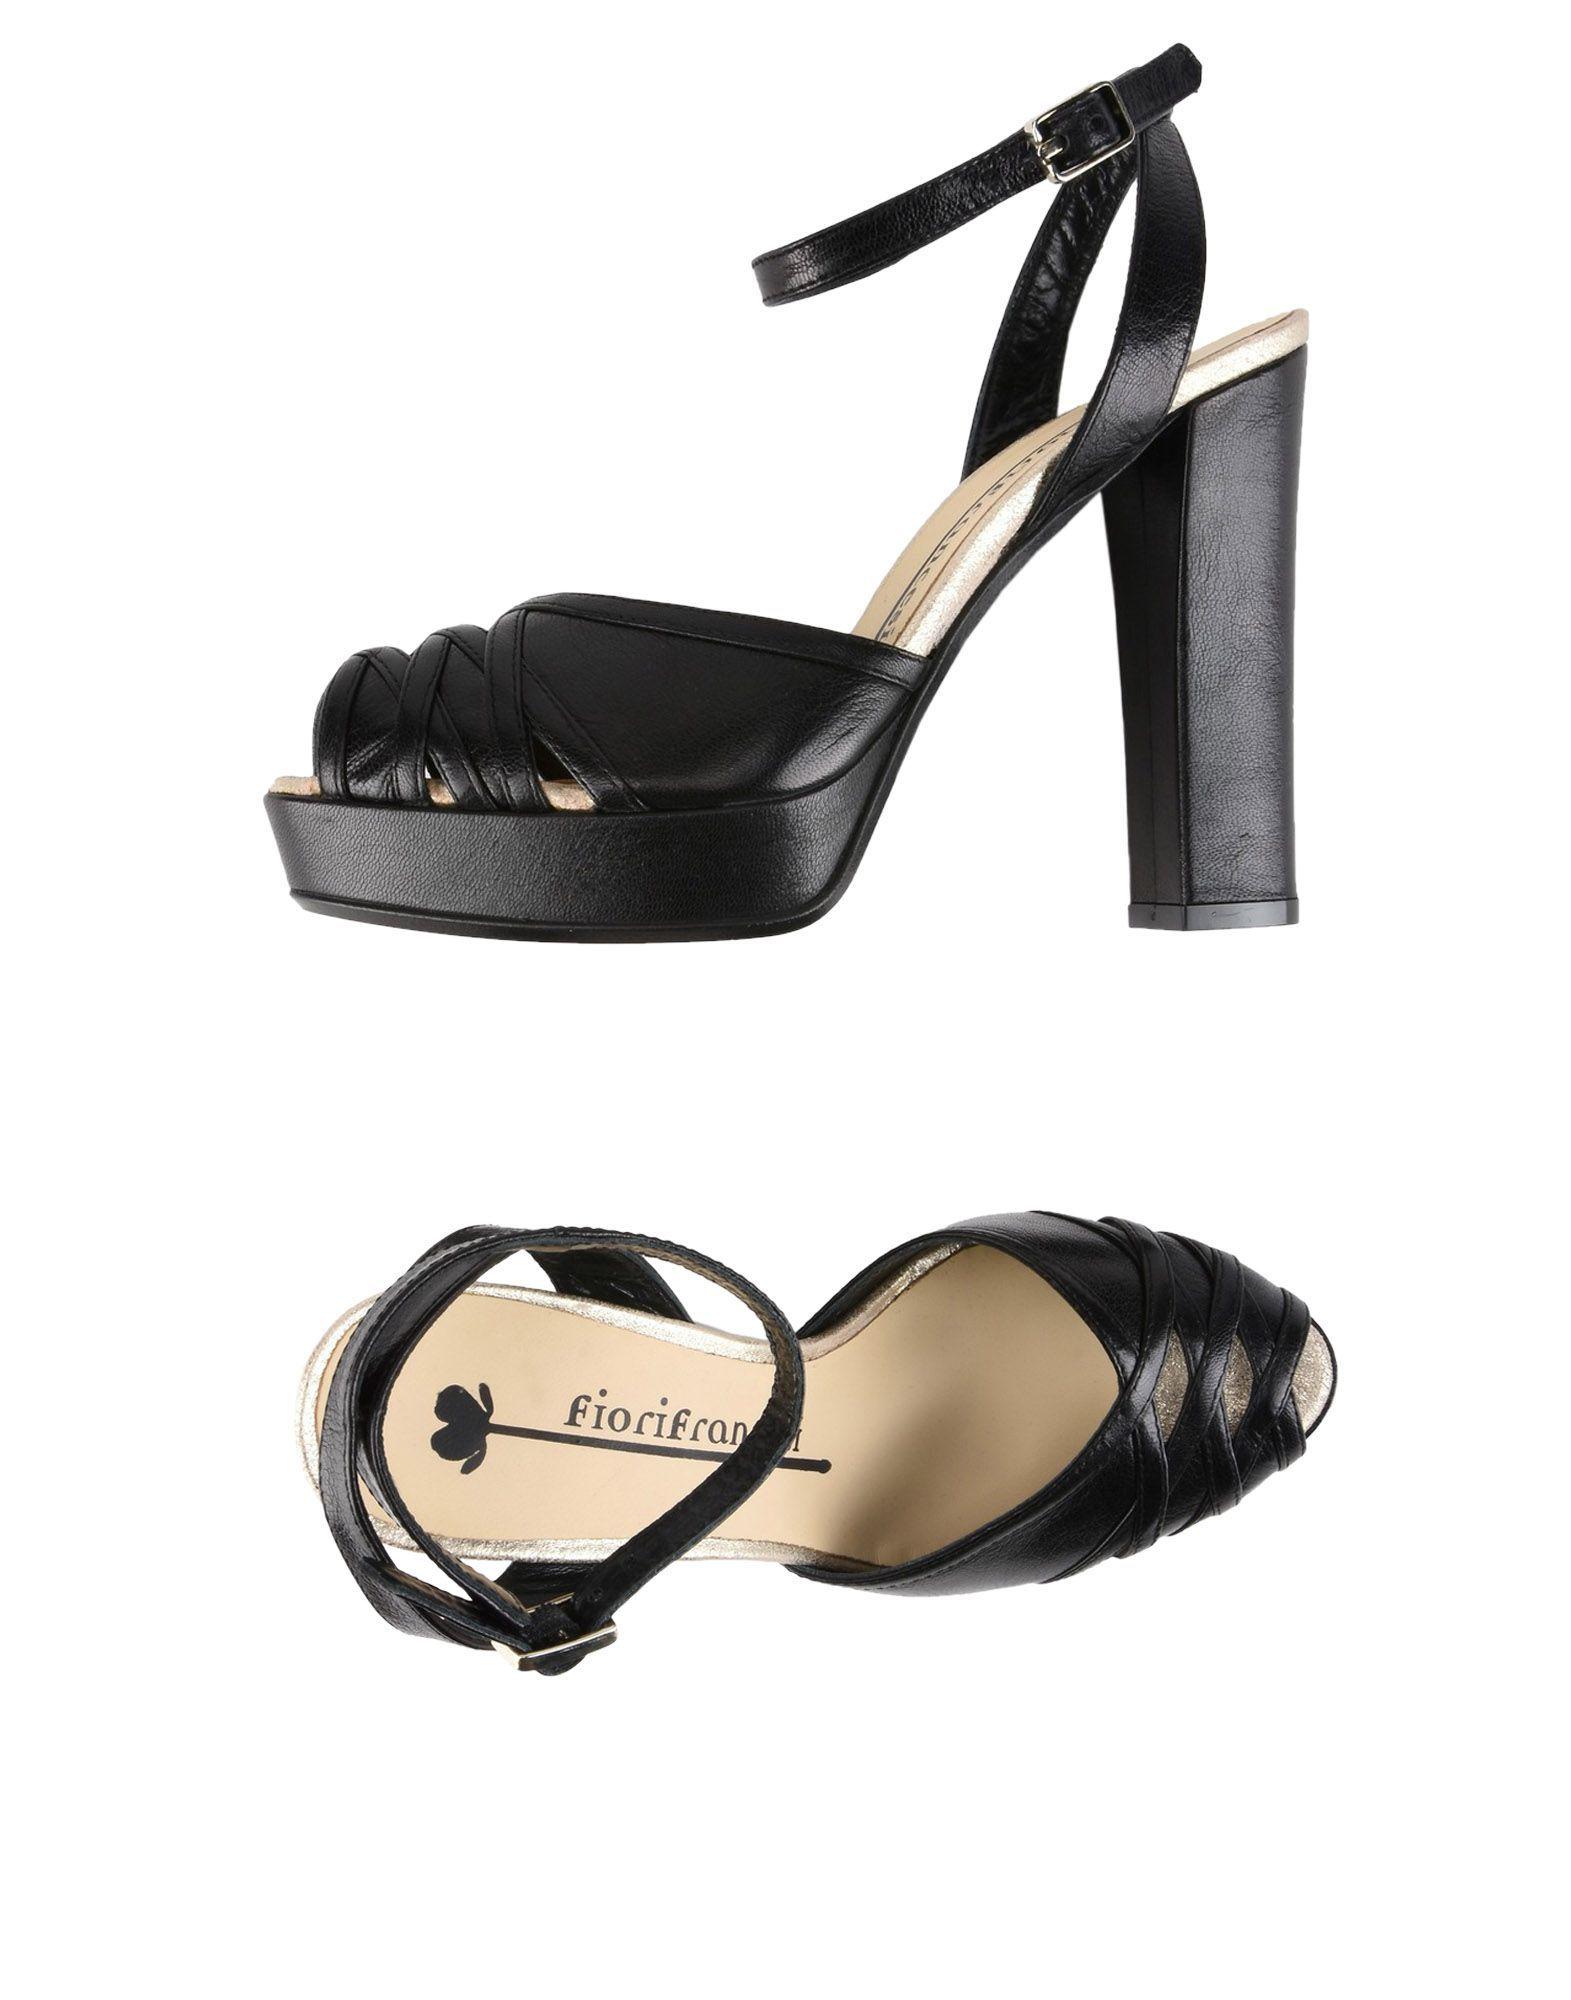 FOOTWEAR - Sandals Fiorifrancesi TJZ5xTJN